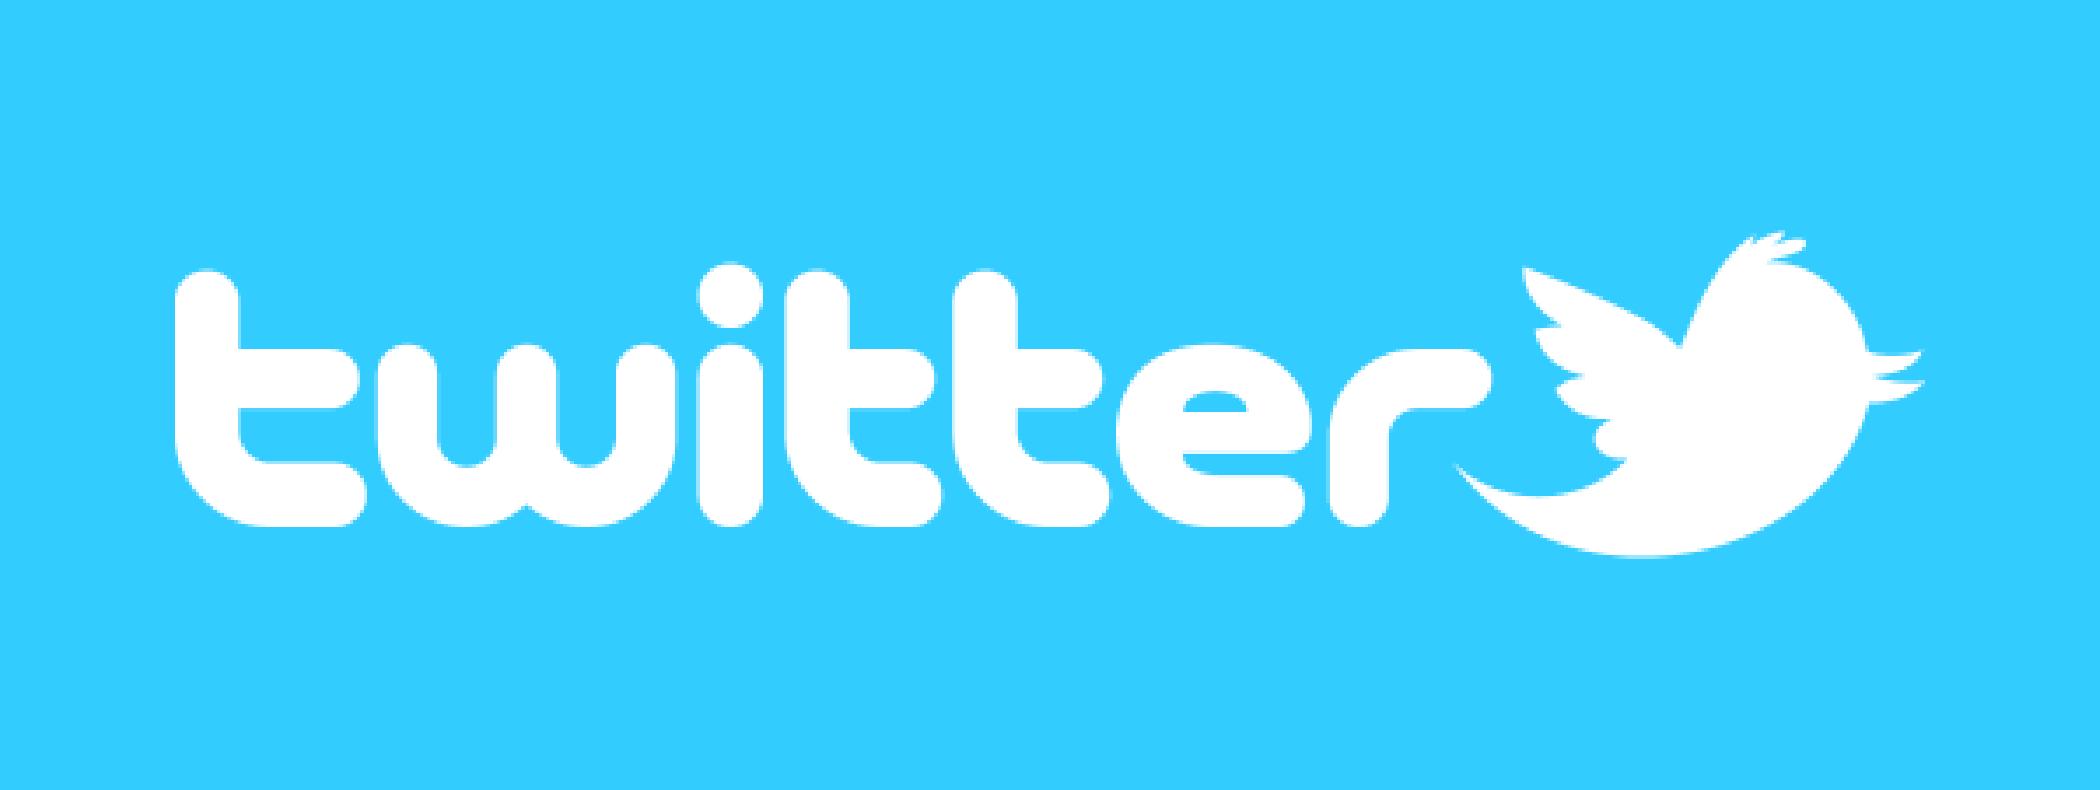 Meilleur moment pour publier sur Twitter